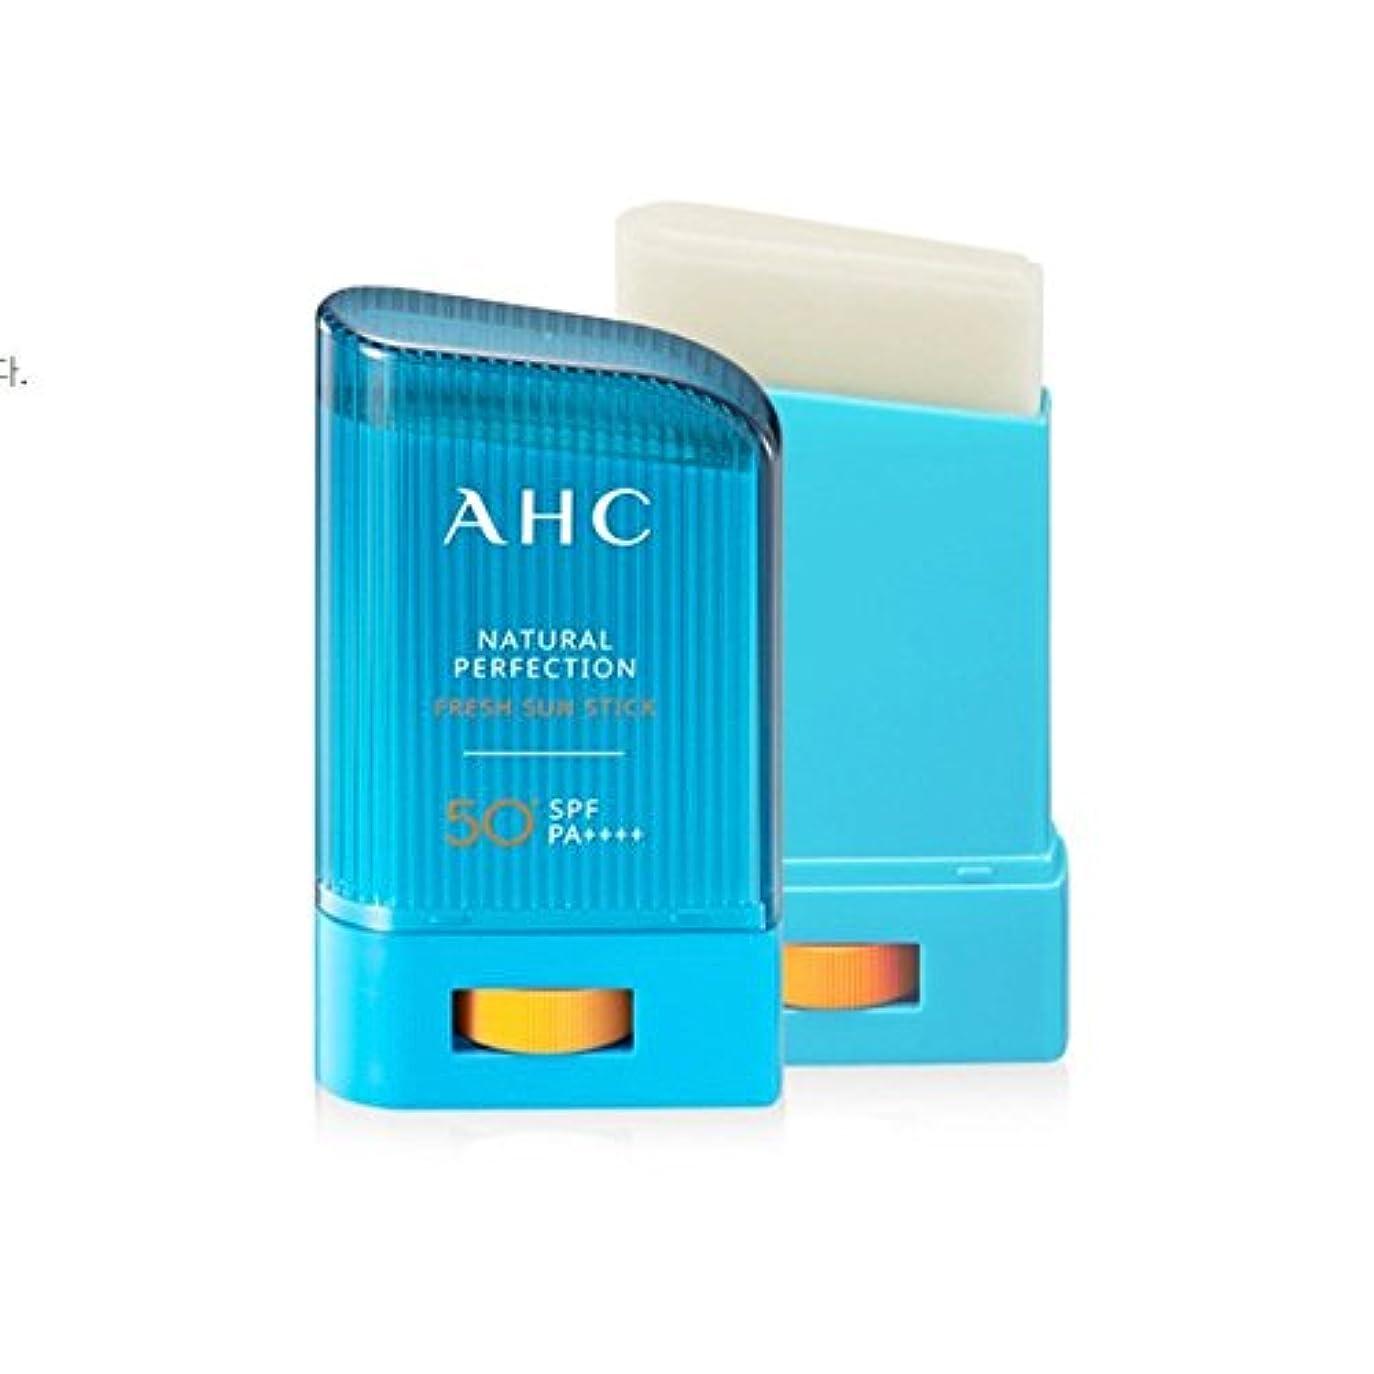 雑品雑品したがって[1+1] AHC Natural Perfection Fresh Sun Stick ナチュラルパーフェクションフレッシュサンスティック 22g * 2個 [並行輸入品]